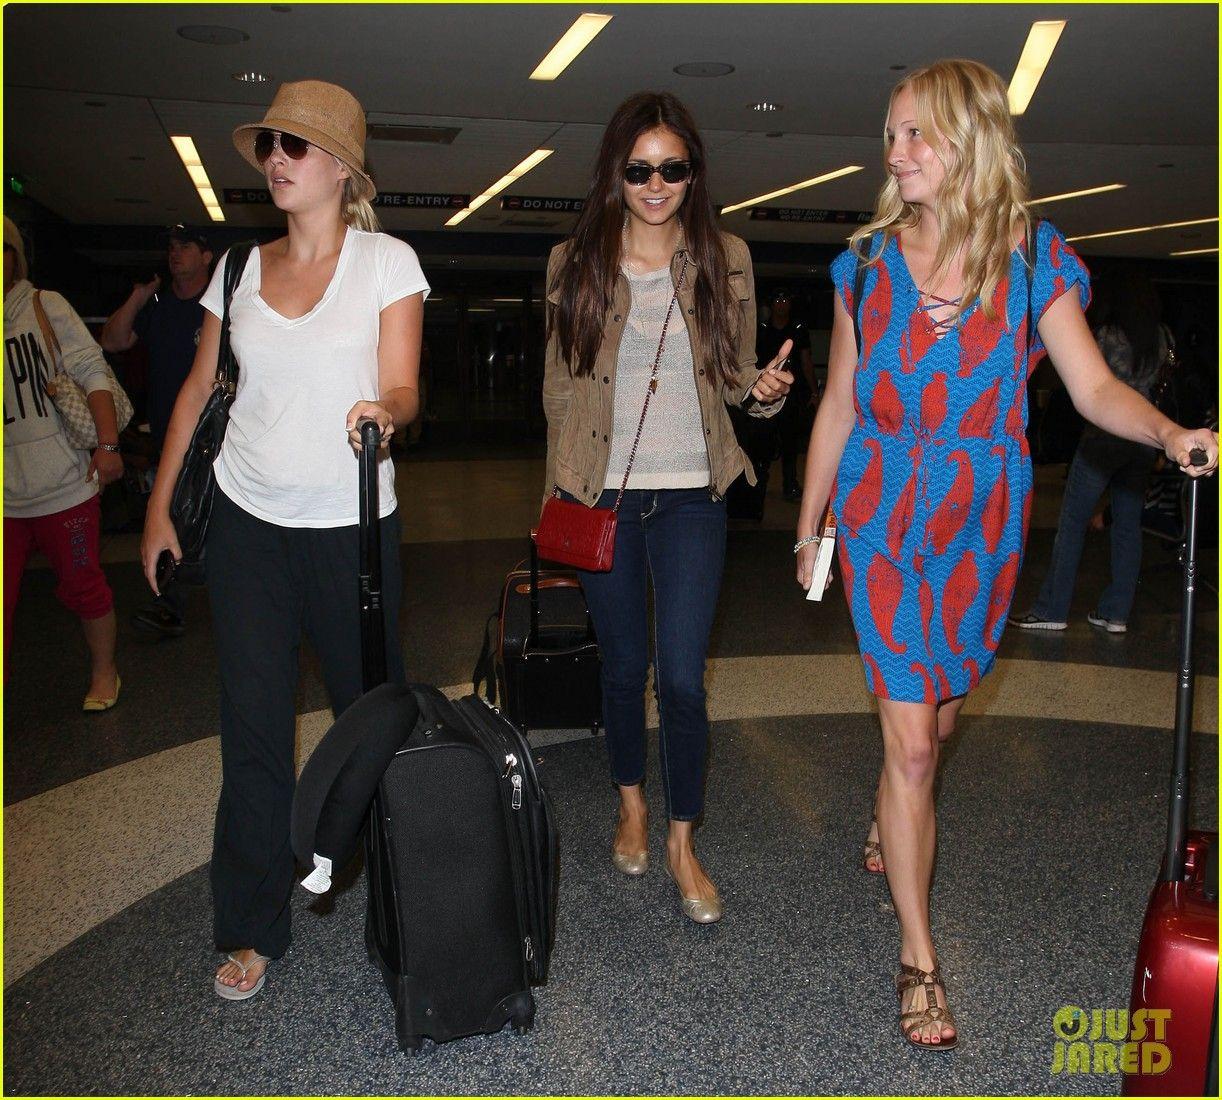 Nina Dobrev: Jet Setting with 'Vampire Diaries' Cast!